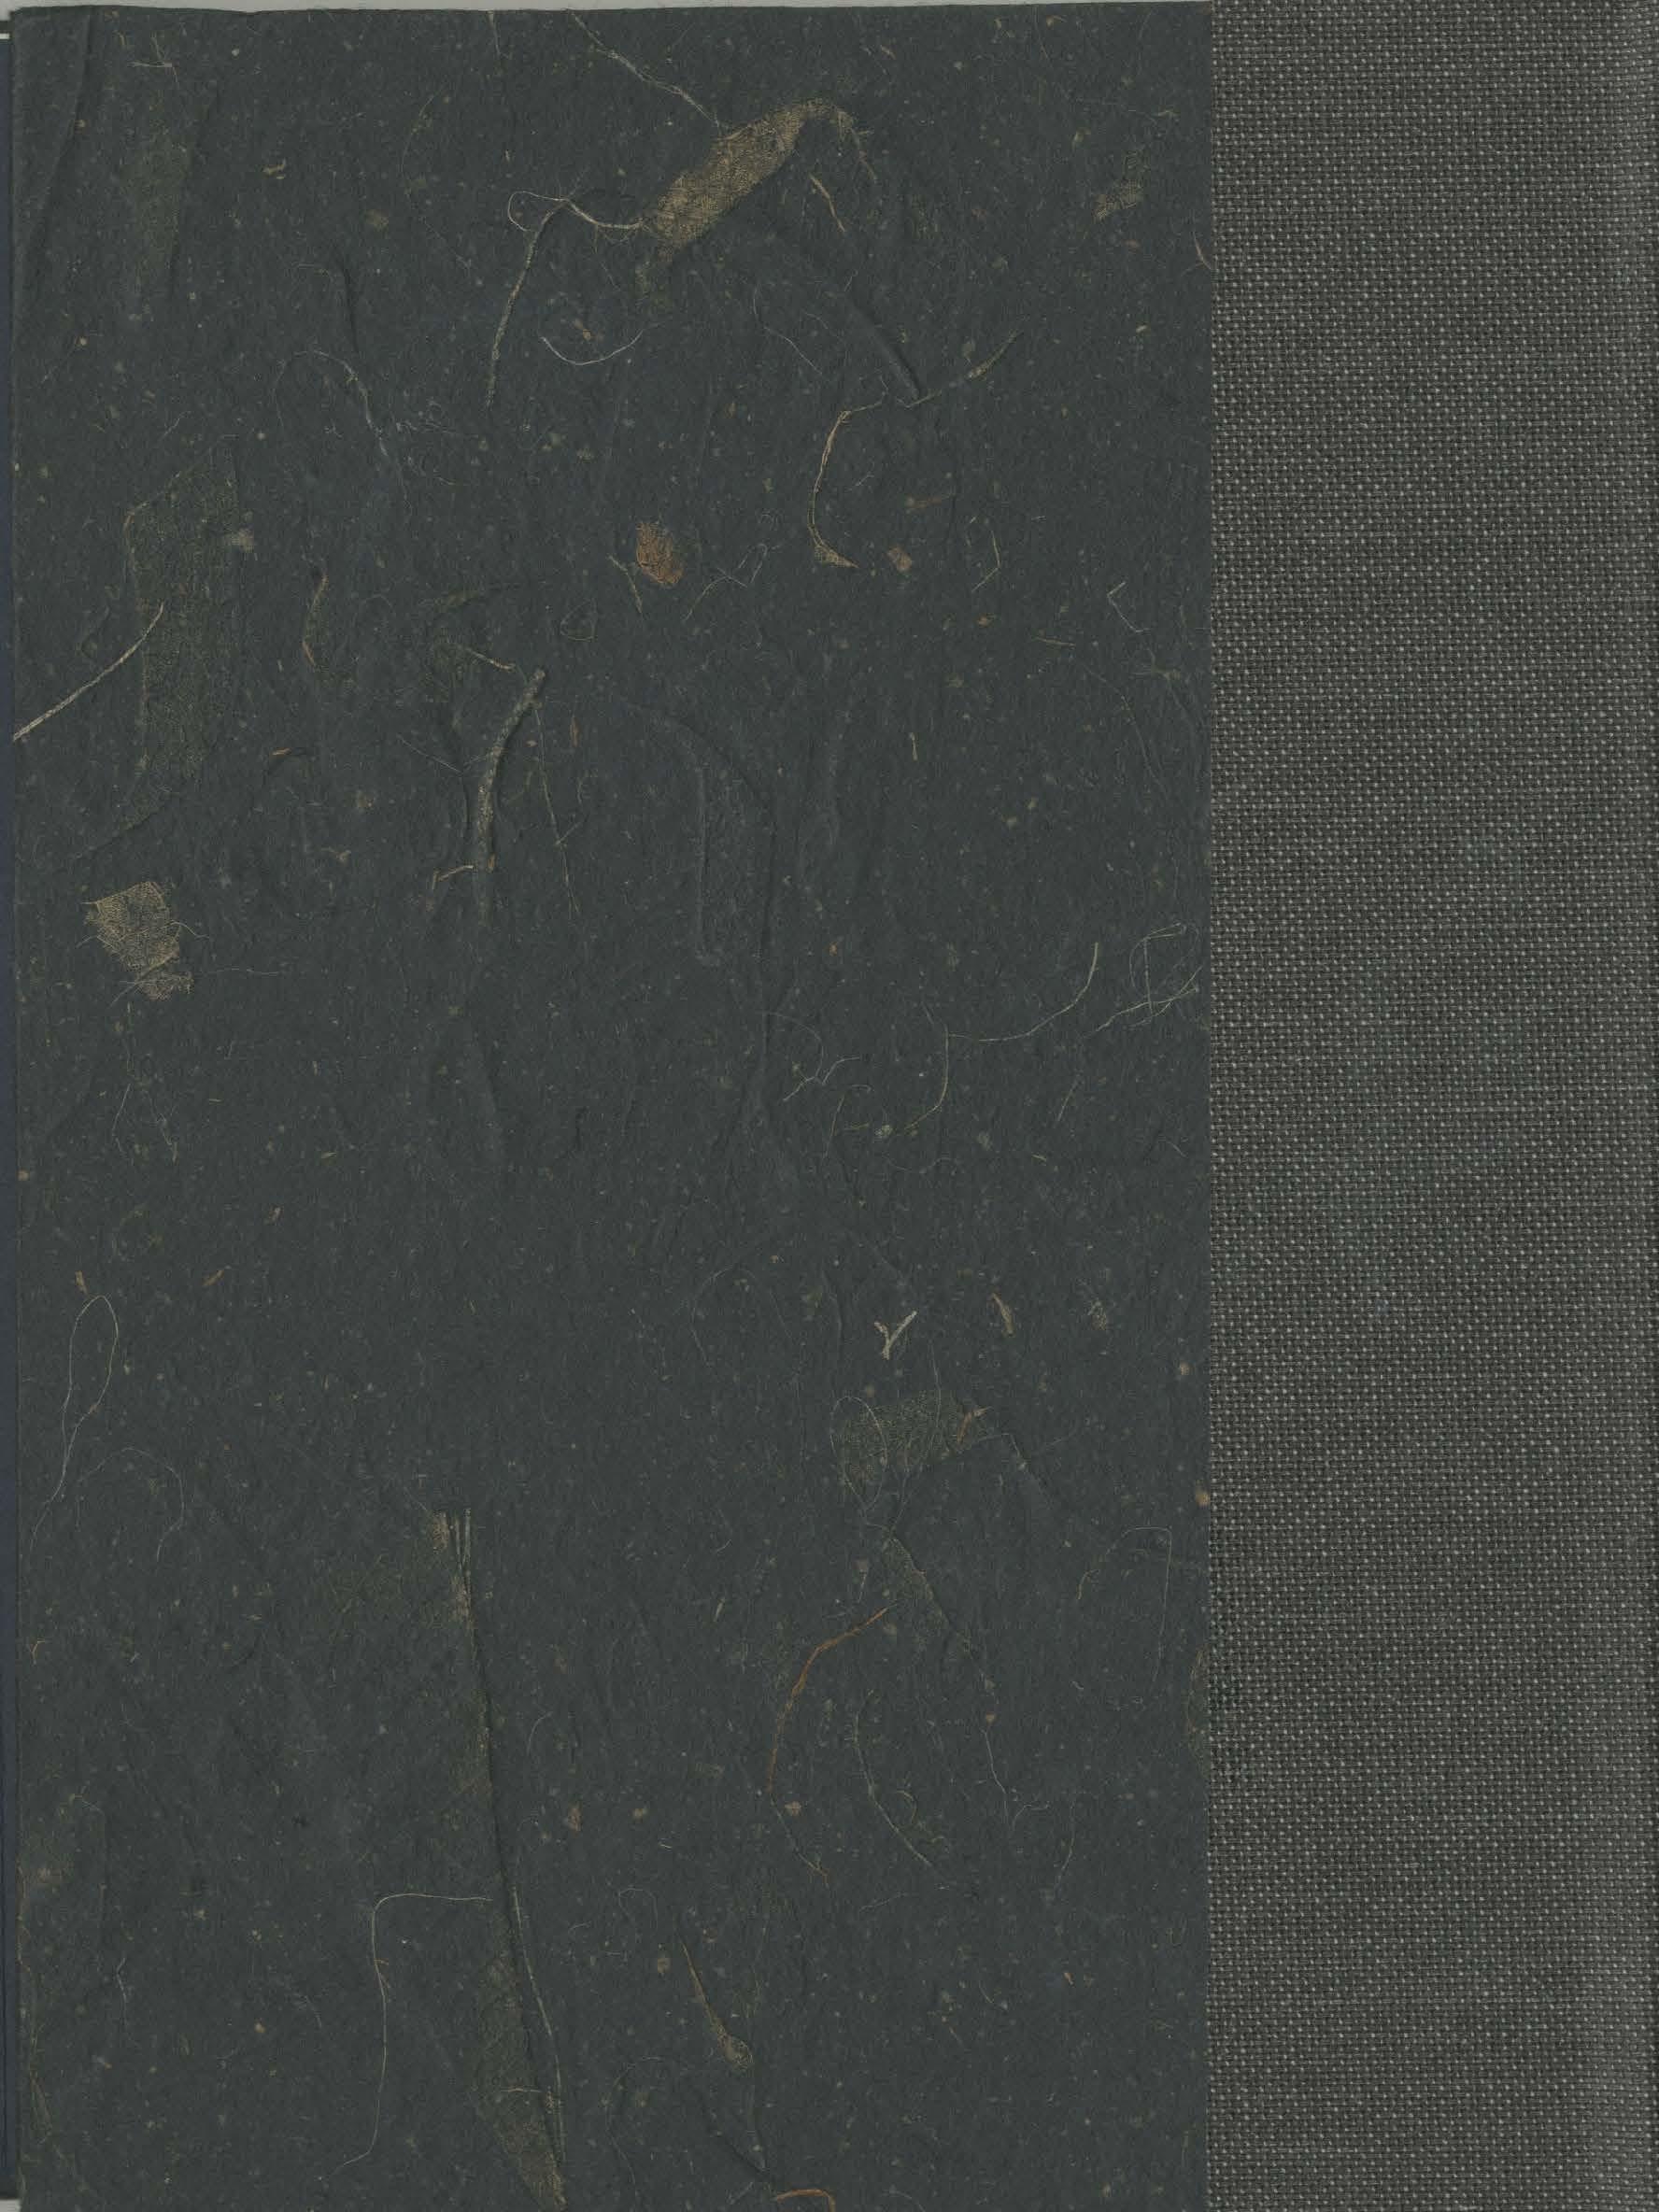 LyricBook_Final_Blackboard_Page_16.jpg